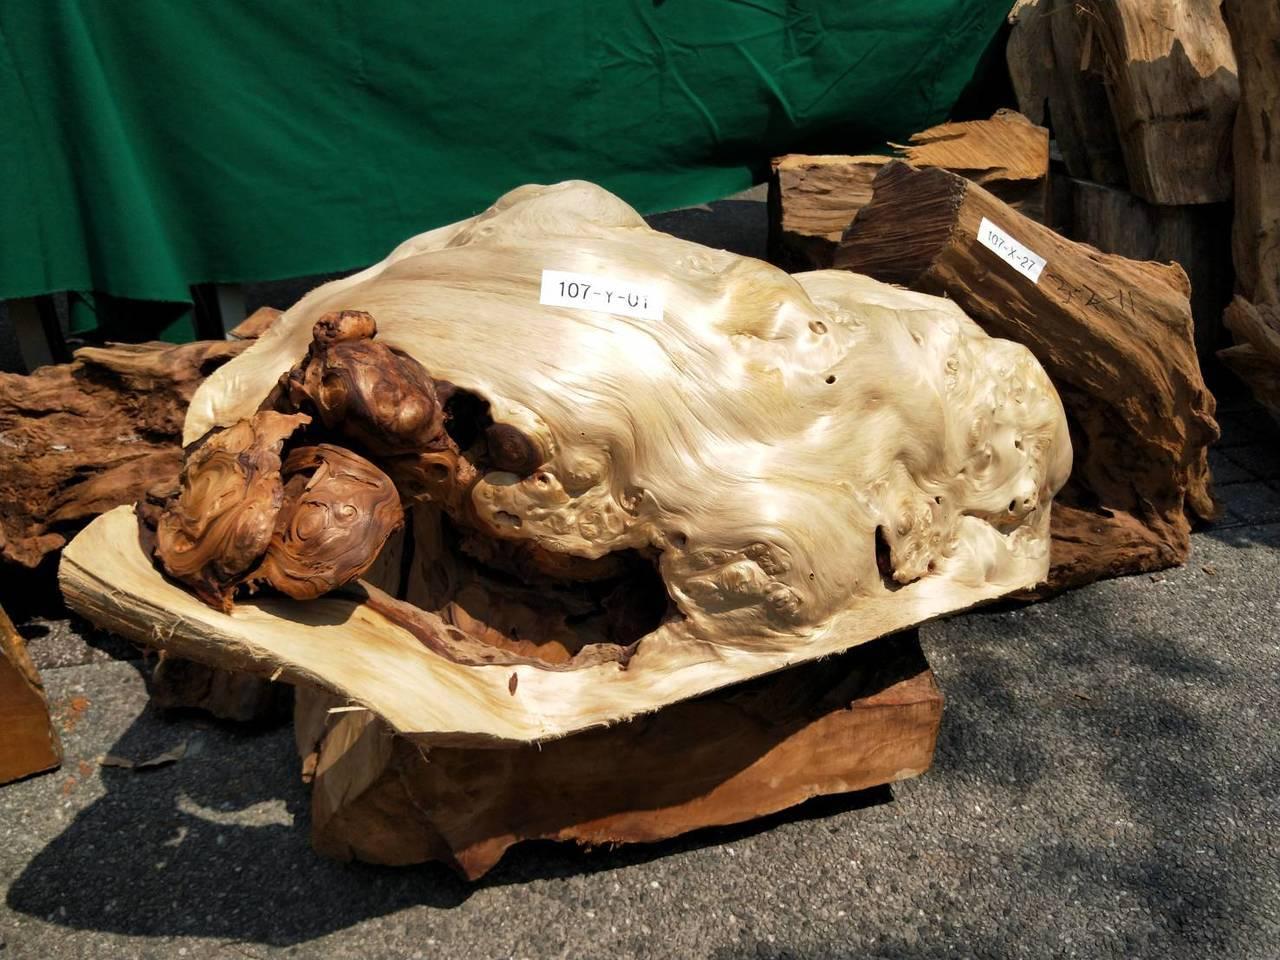 檜木樹瘤。記者江婉儀/攝影